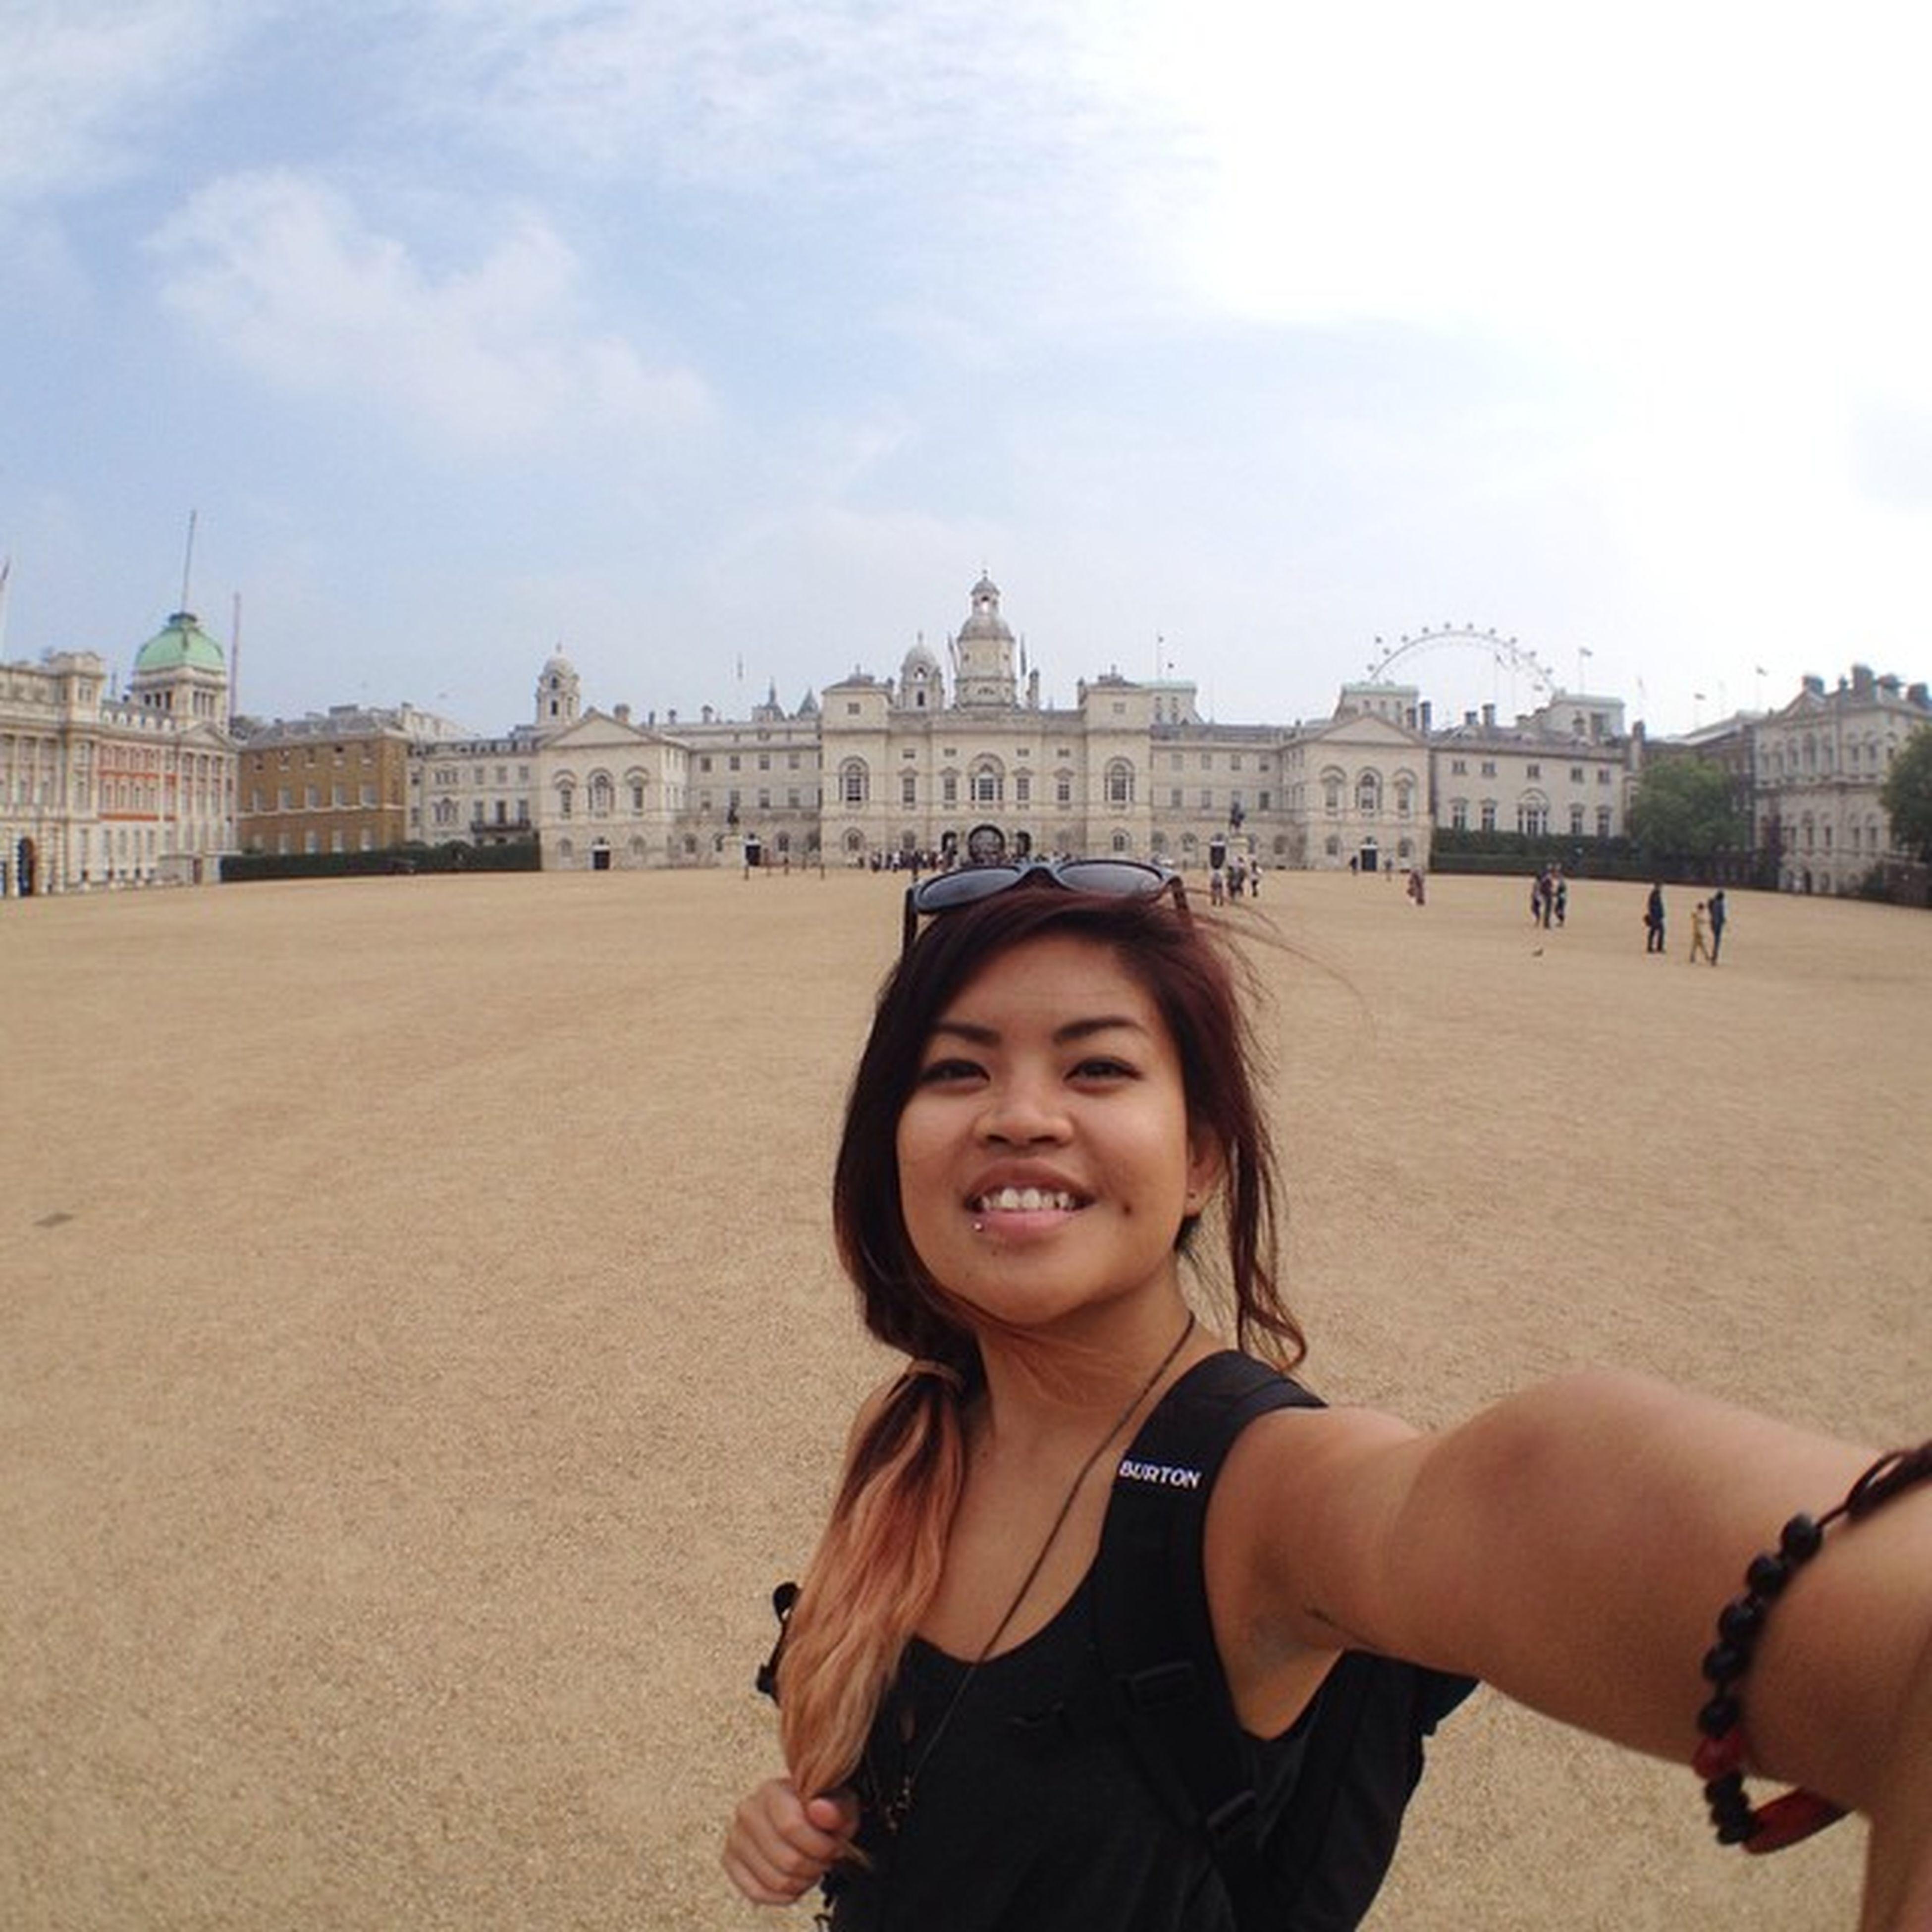 Today's epic selfie London Applegoestoeurope